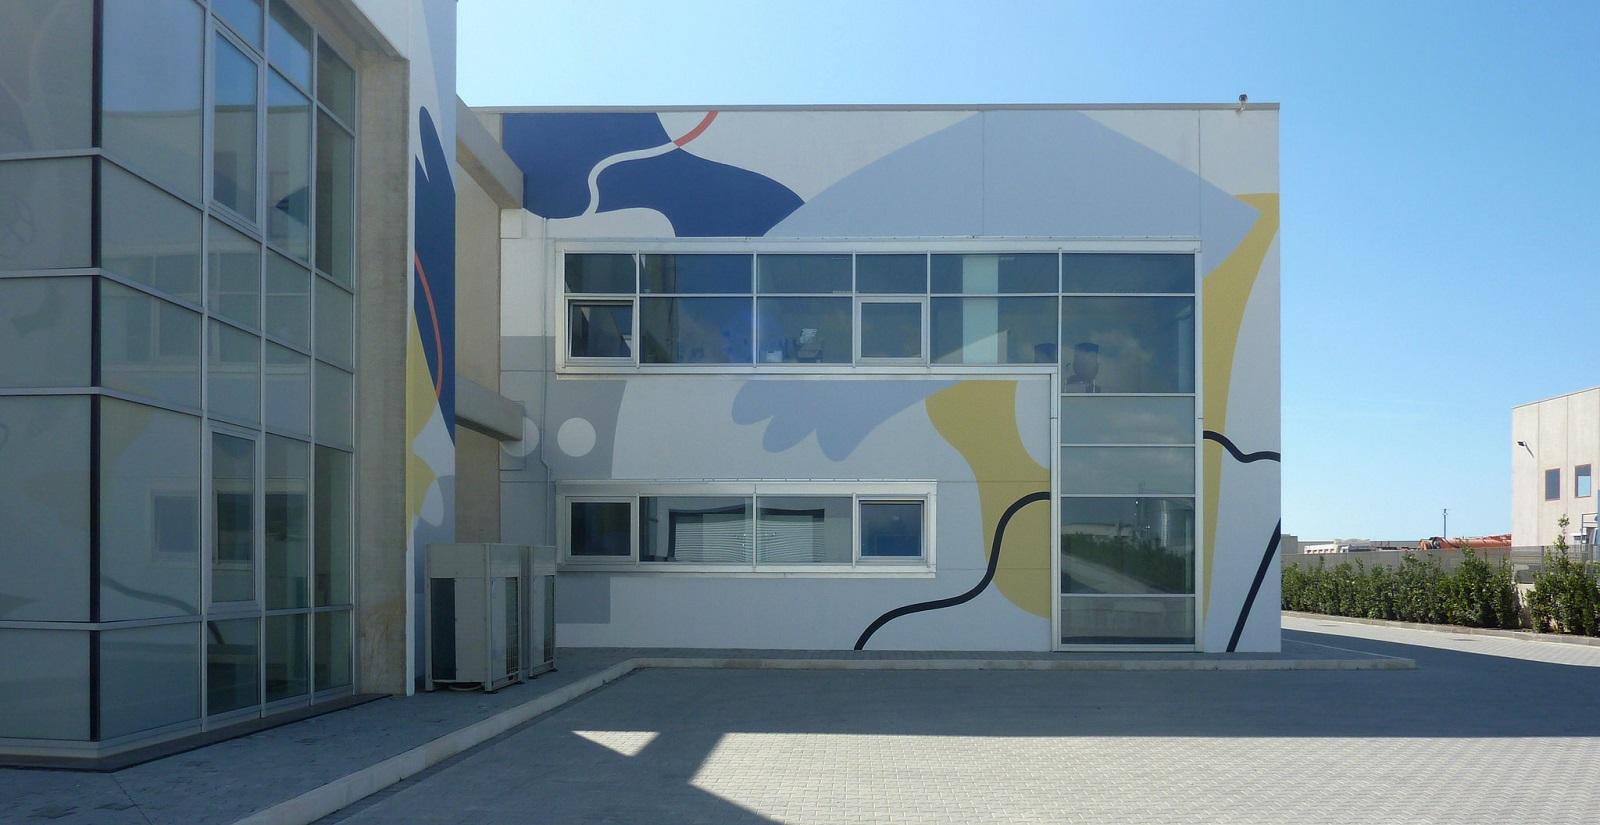 gue-new-murals-in-castrofilippo-and-modica-11